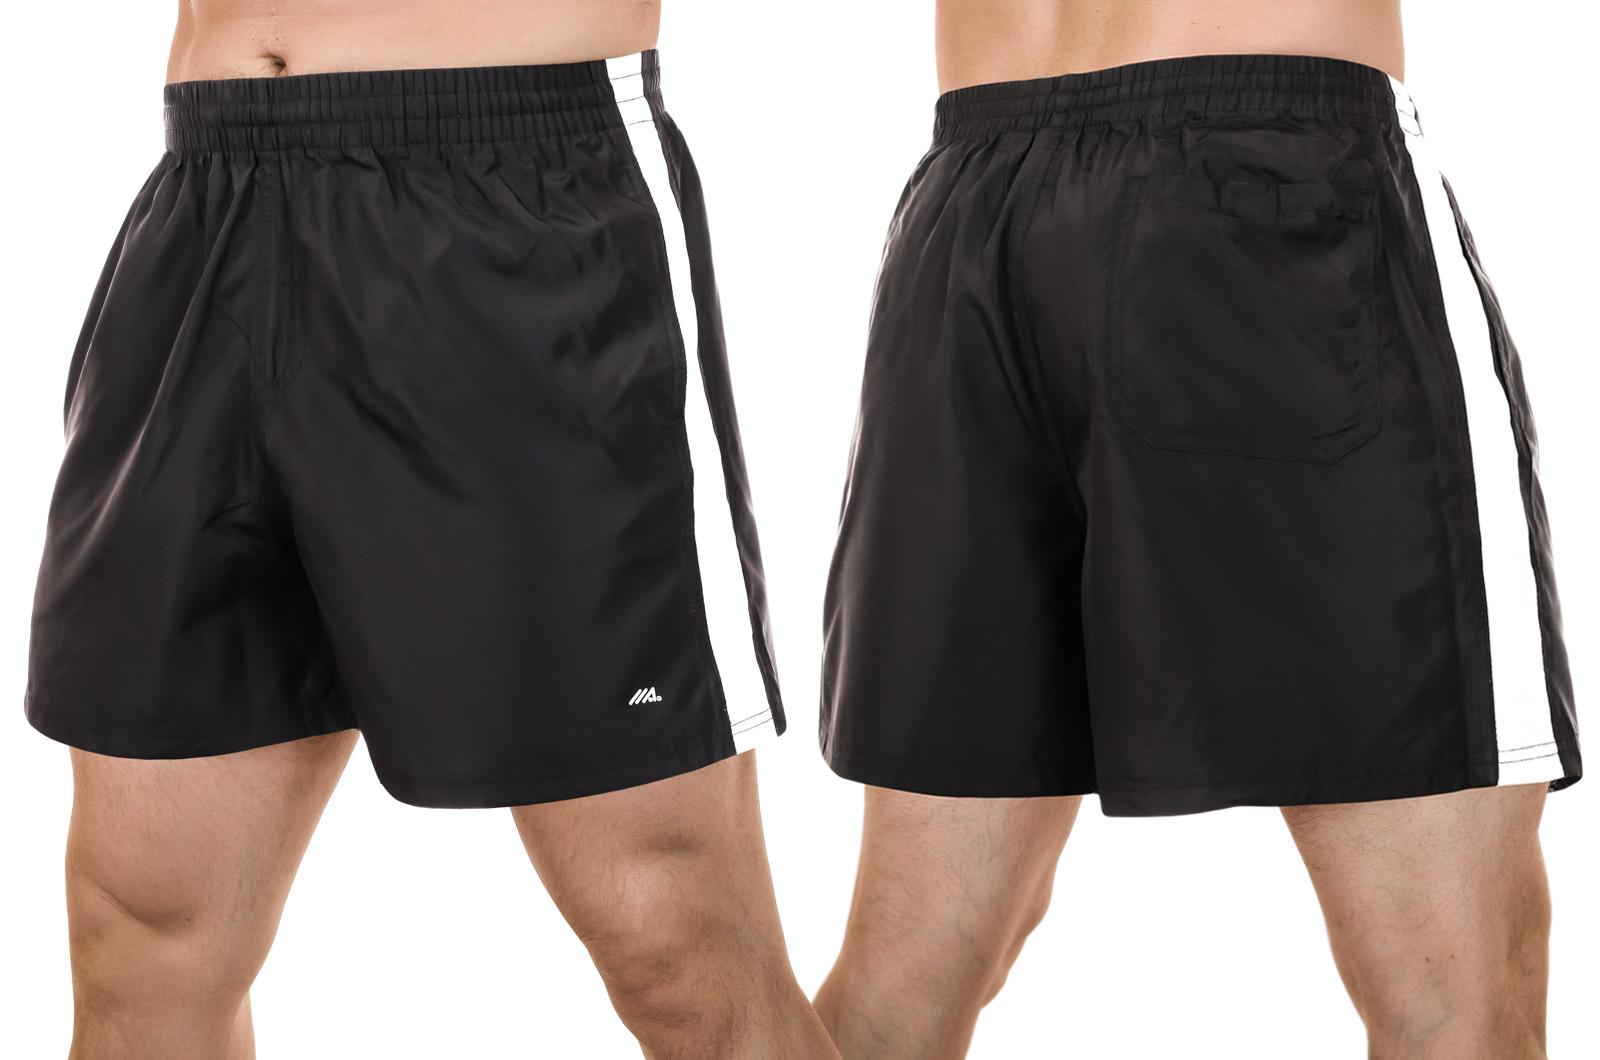 Заказать мужские купальные шорты брендового качества от MACE (Канада)